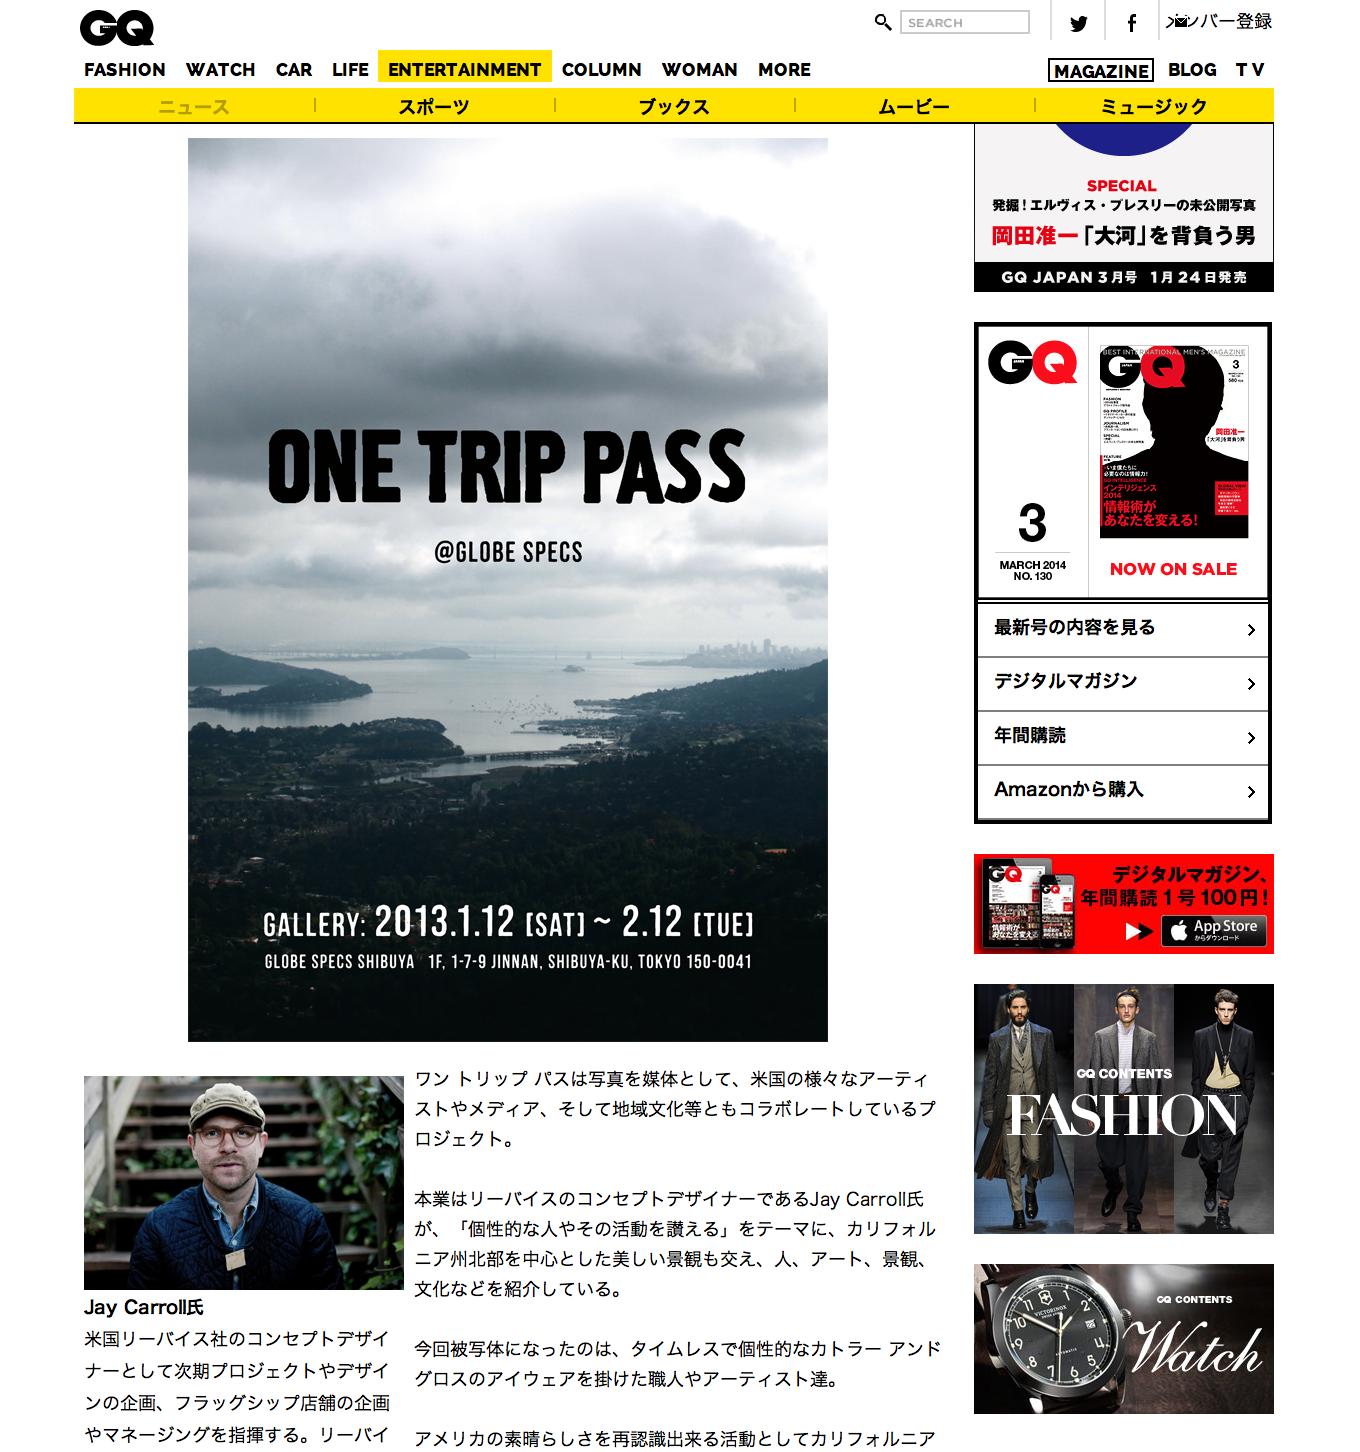 Screen Shot 2014-02-09 at 9.56.00 PM.png